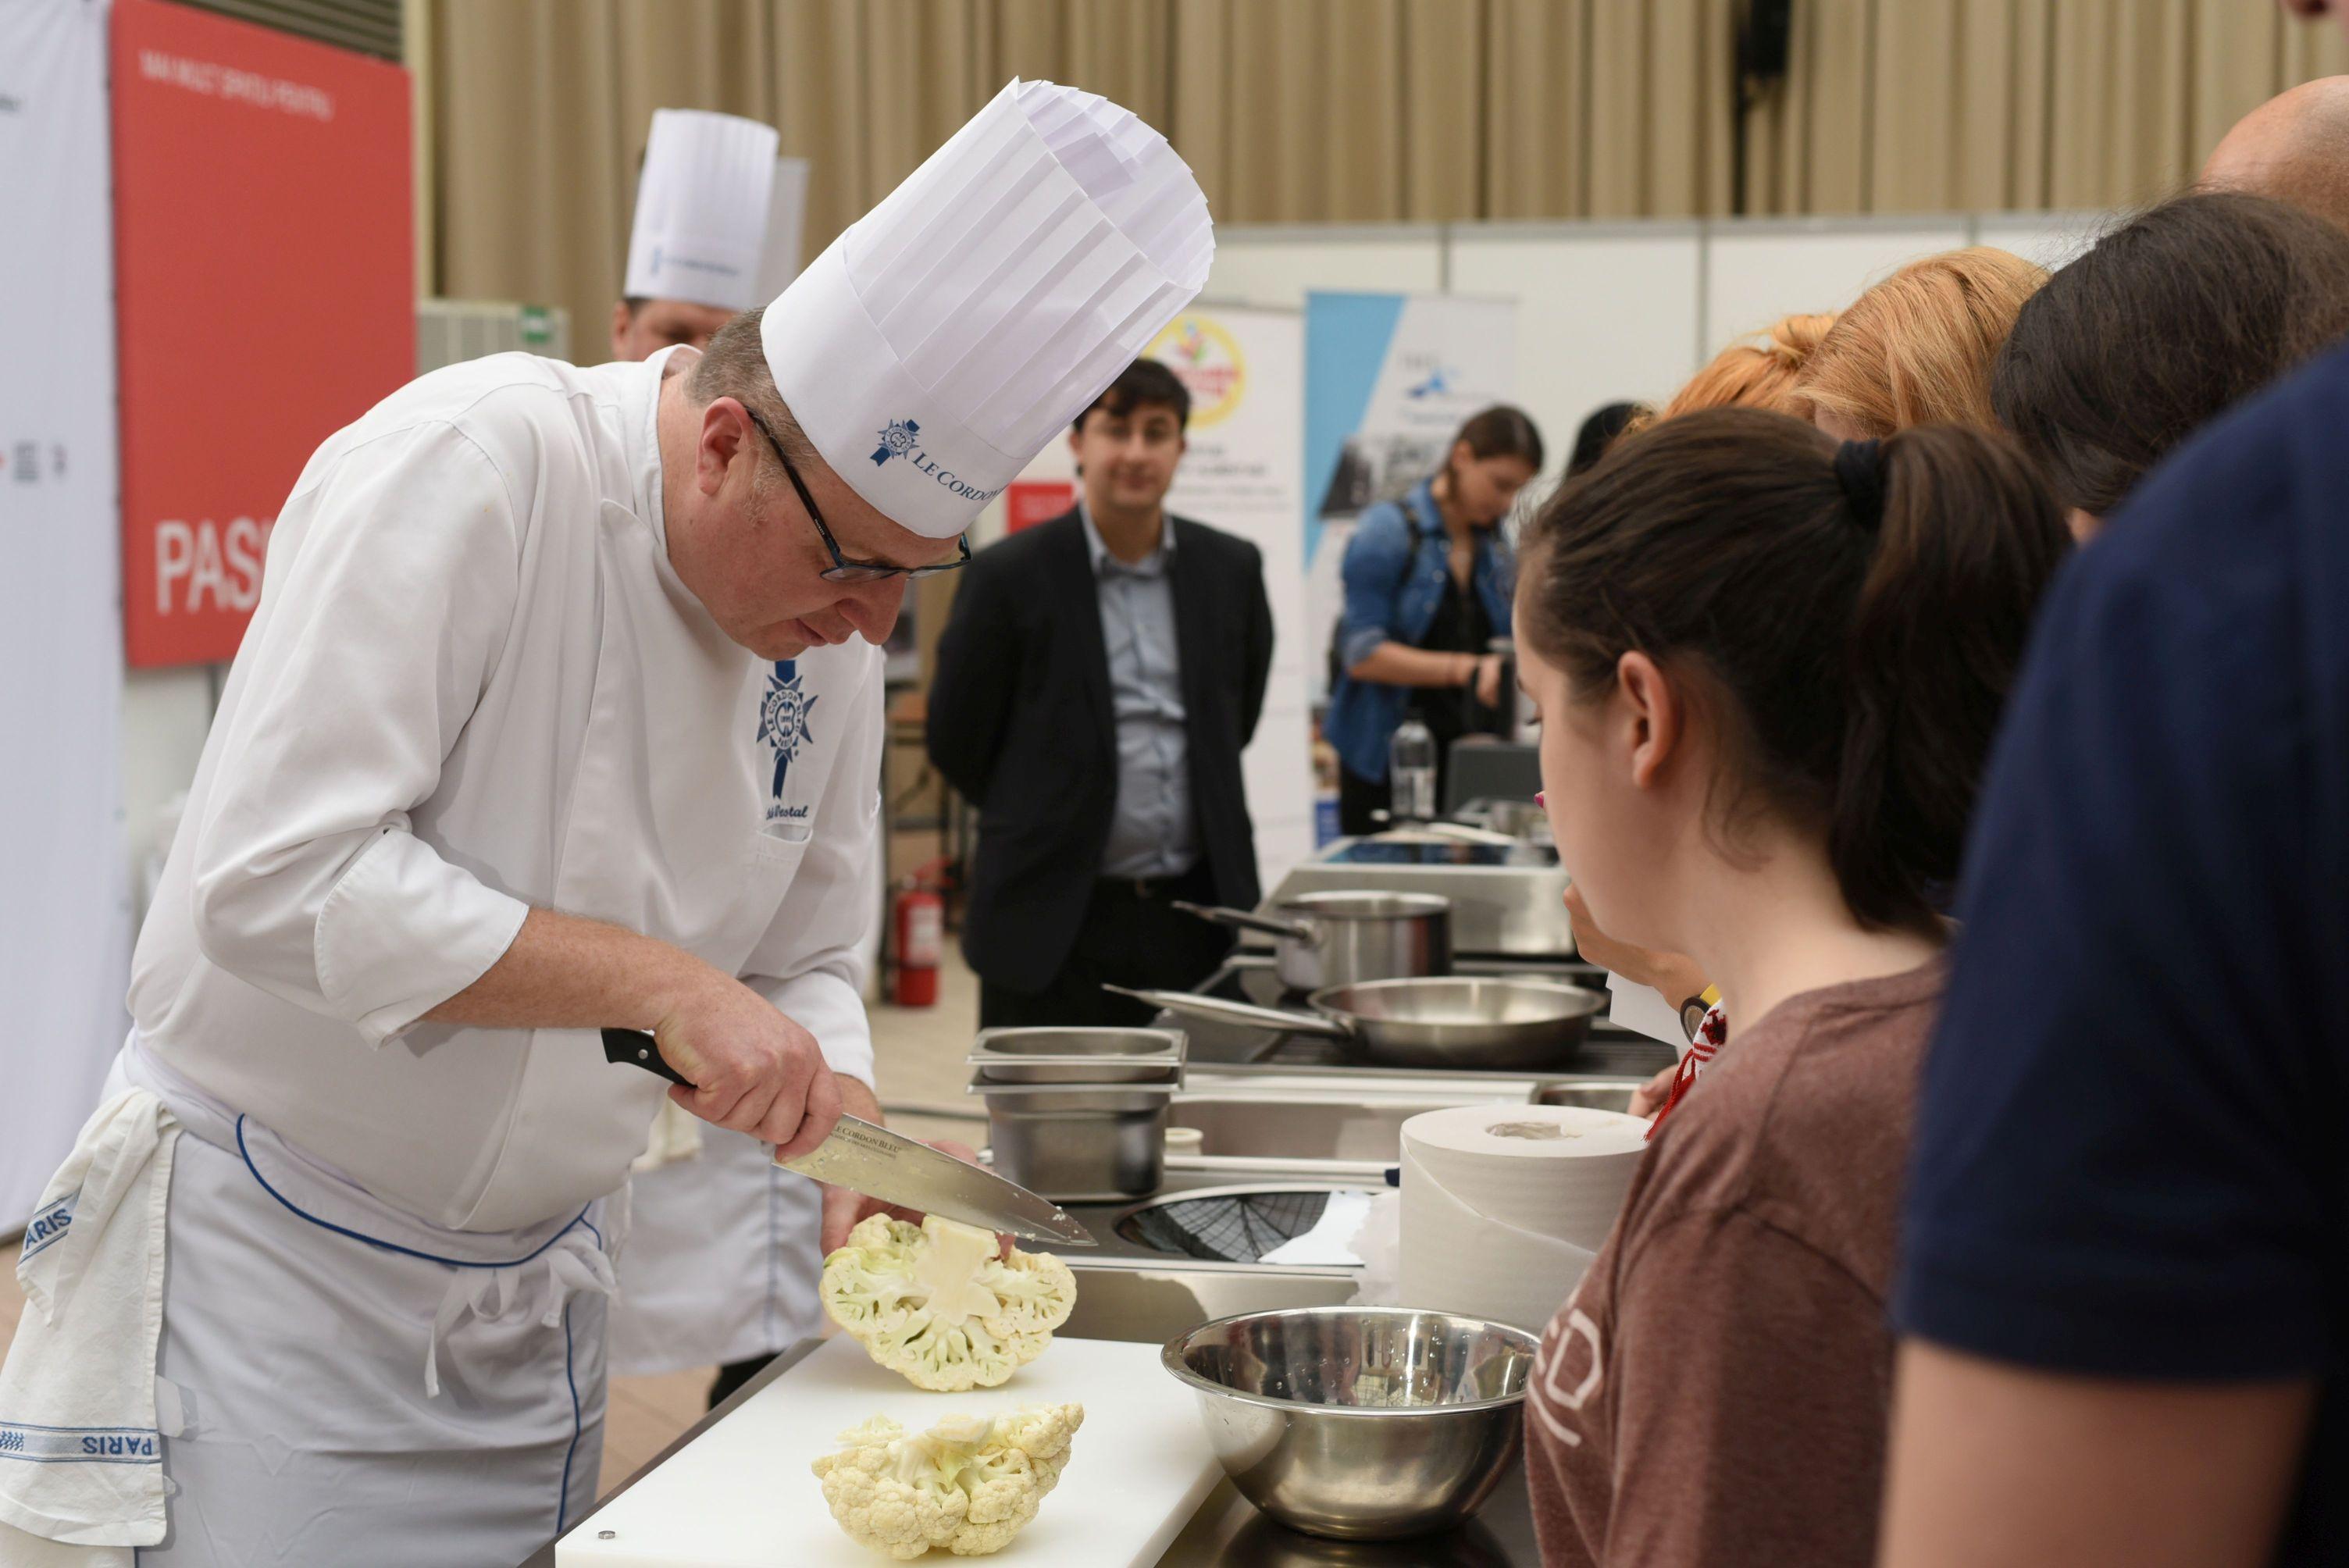 Sarbatoarea_Gustului_Salon_de_Gastronomie_46